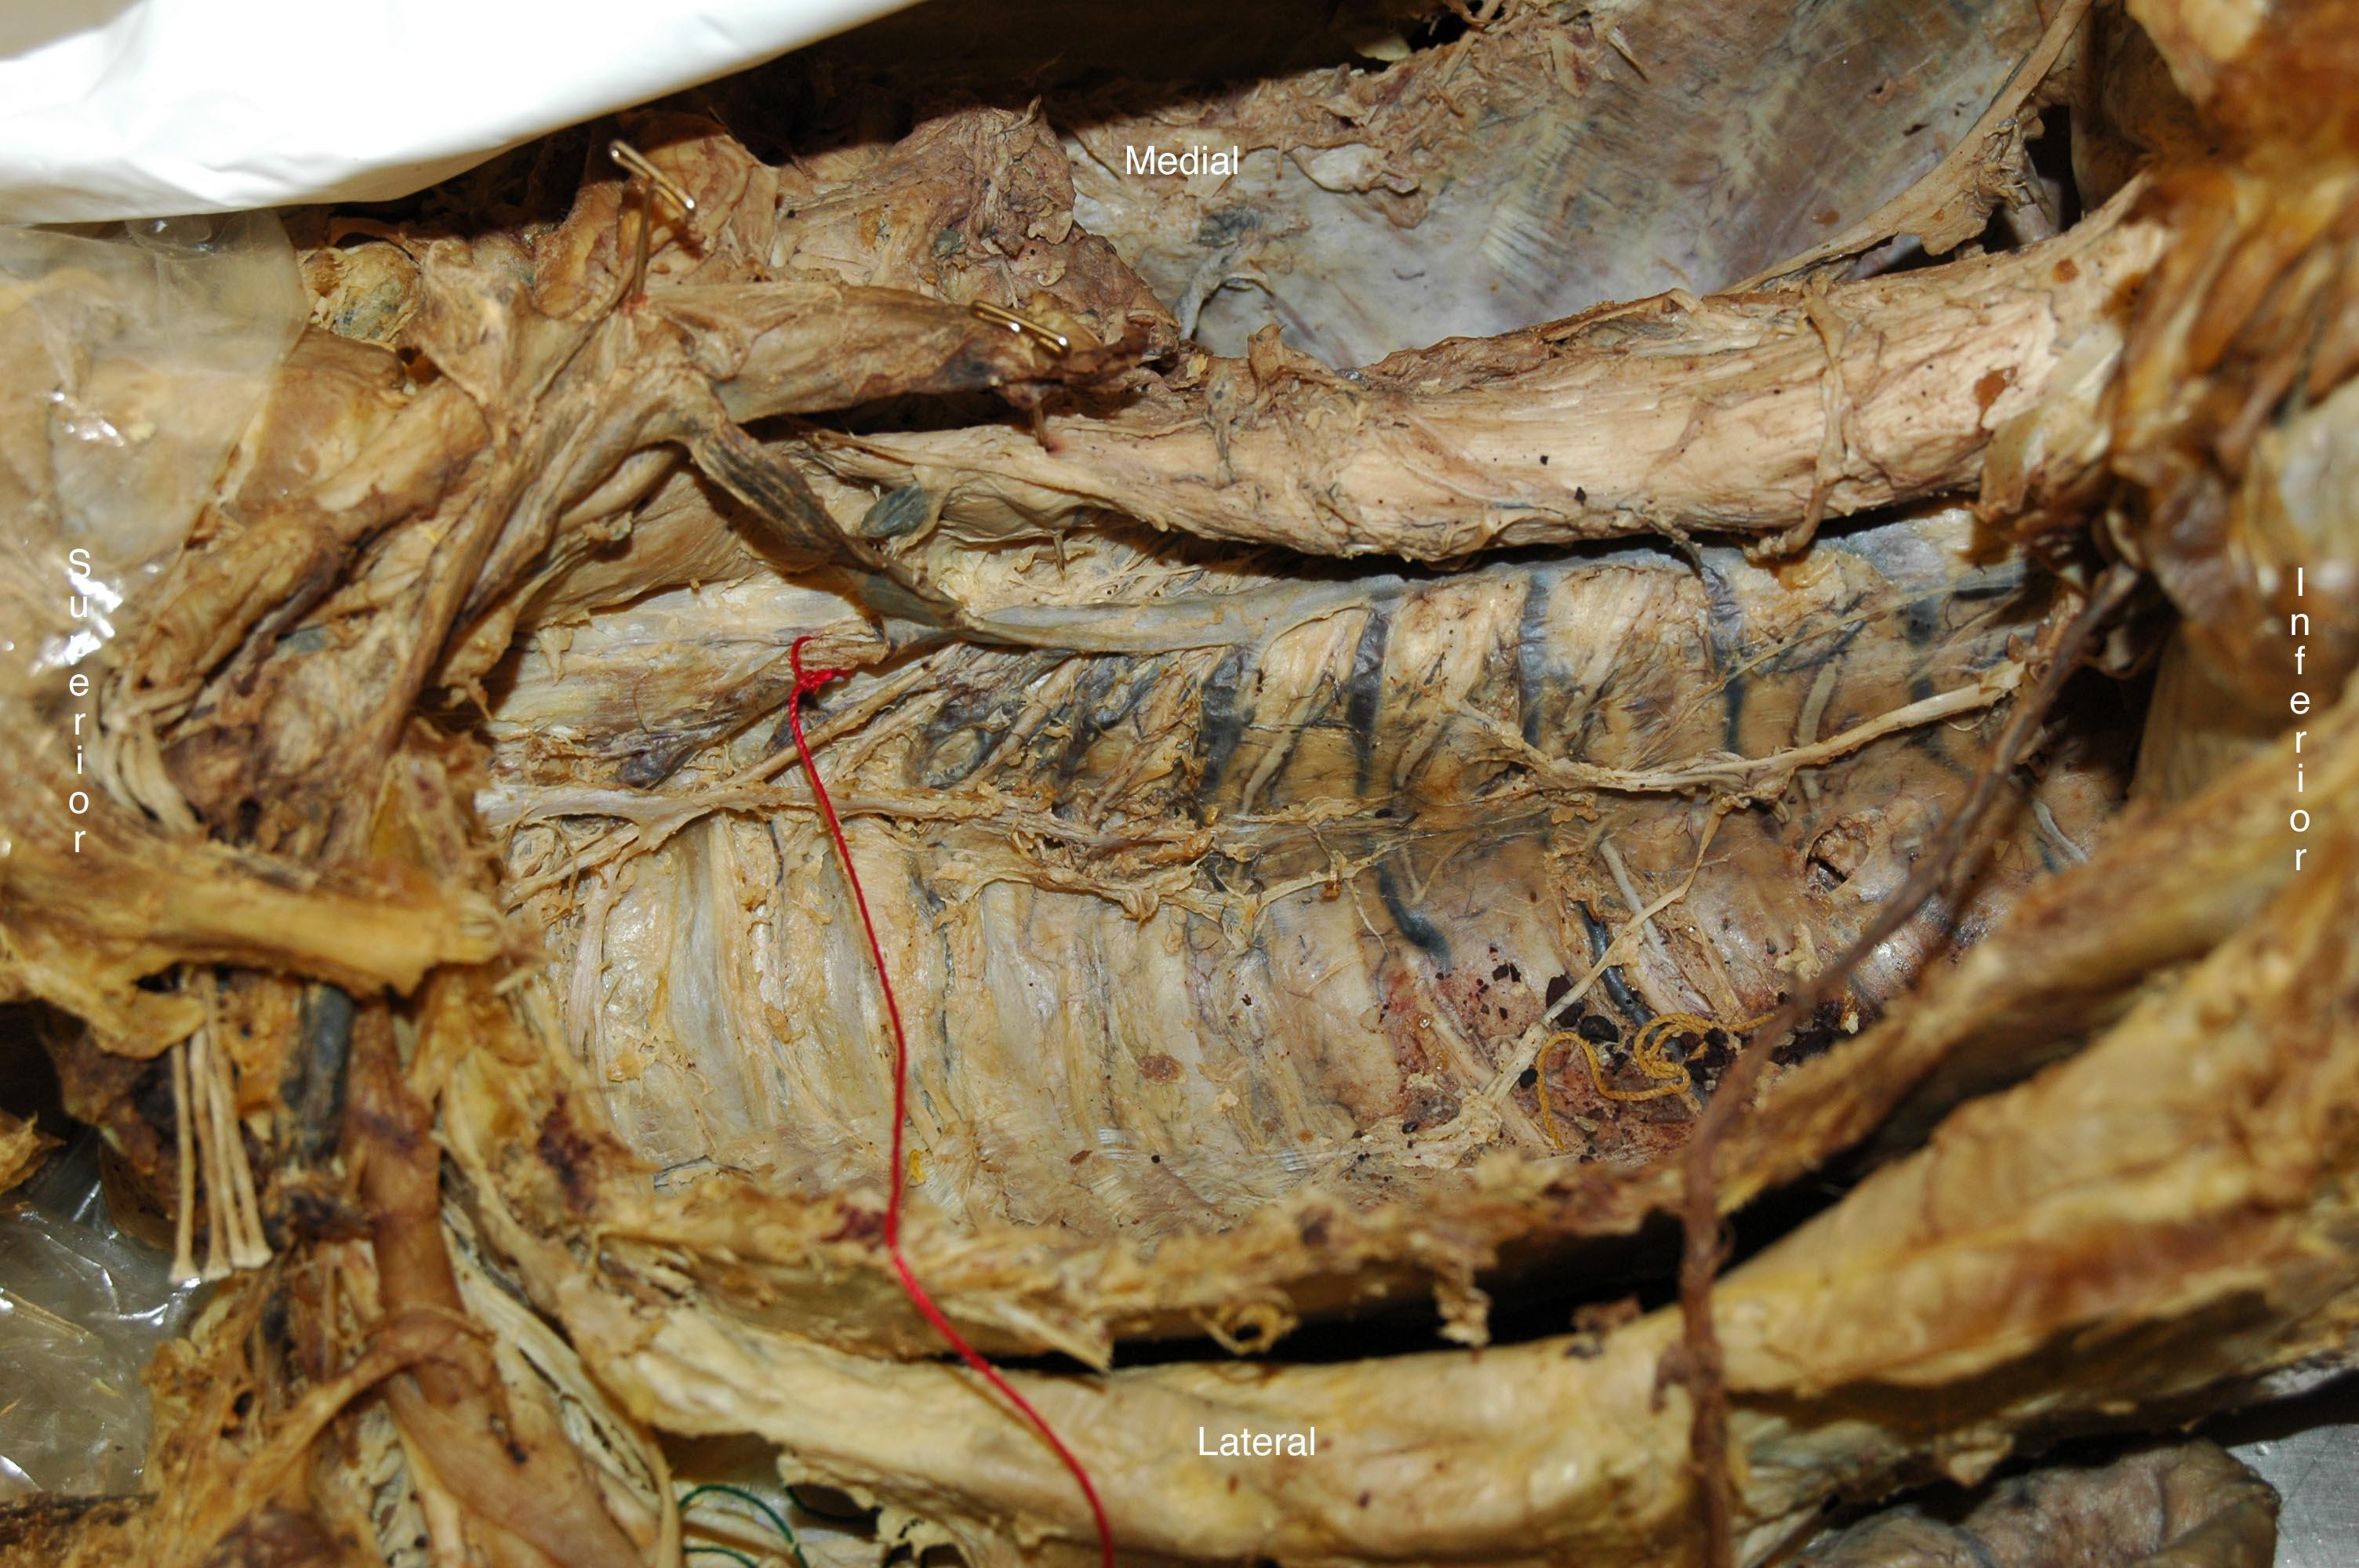 Cadaver images anatomy